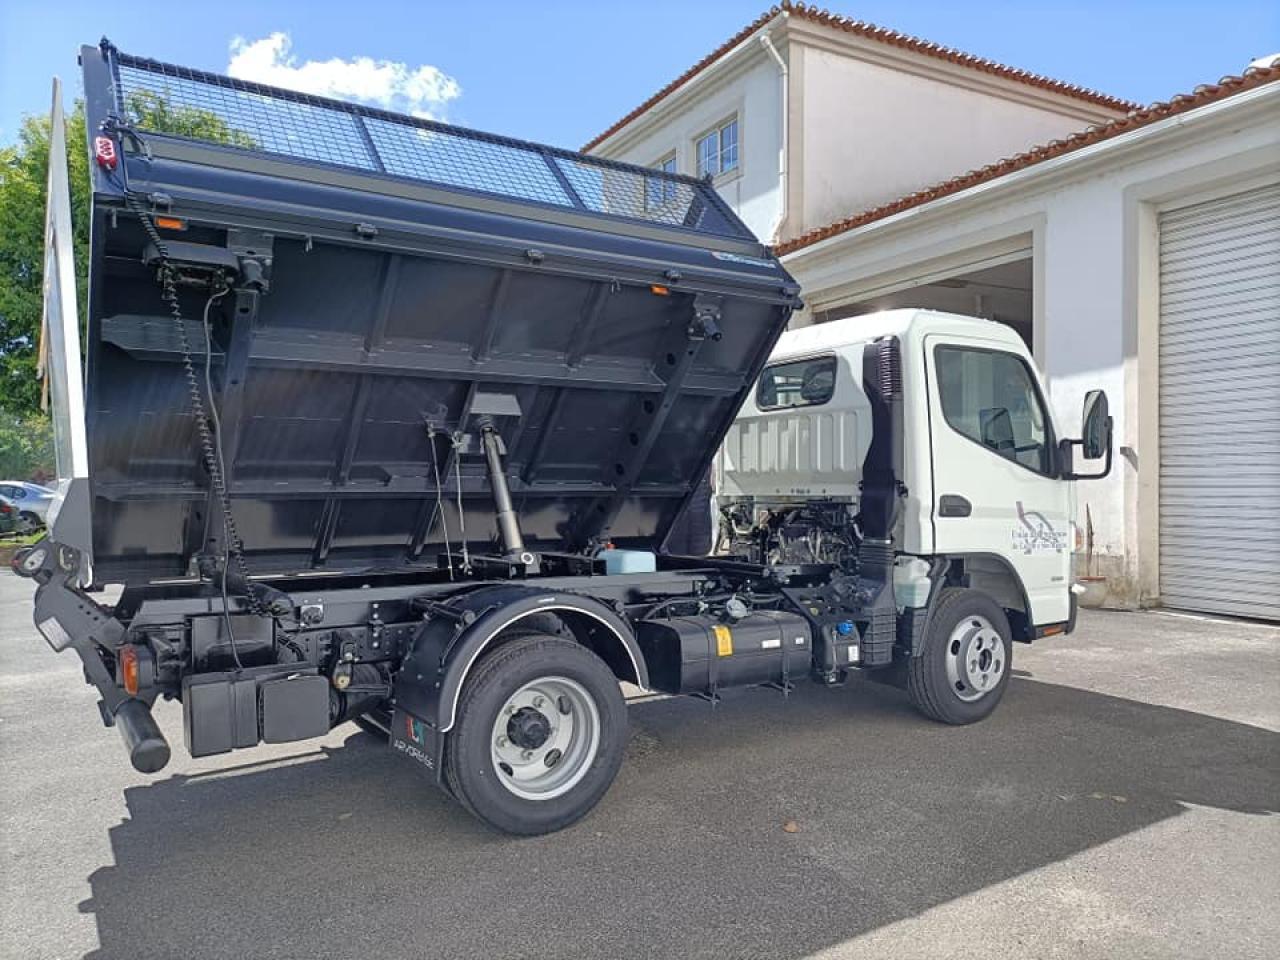 Nova viatura no apoio à recolha de resíduos urbanos na freguesia.